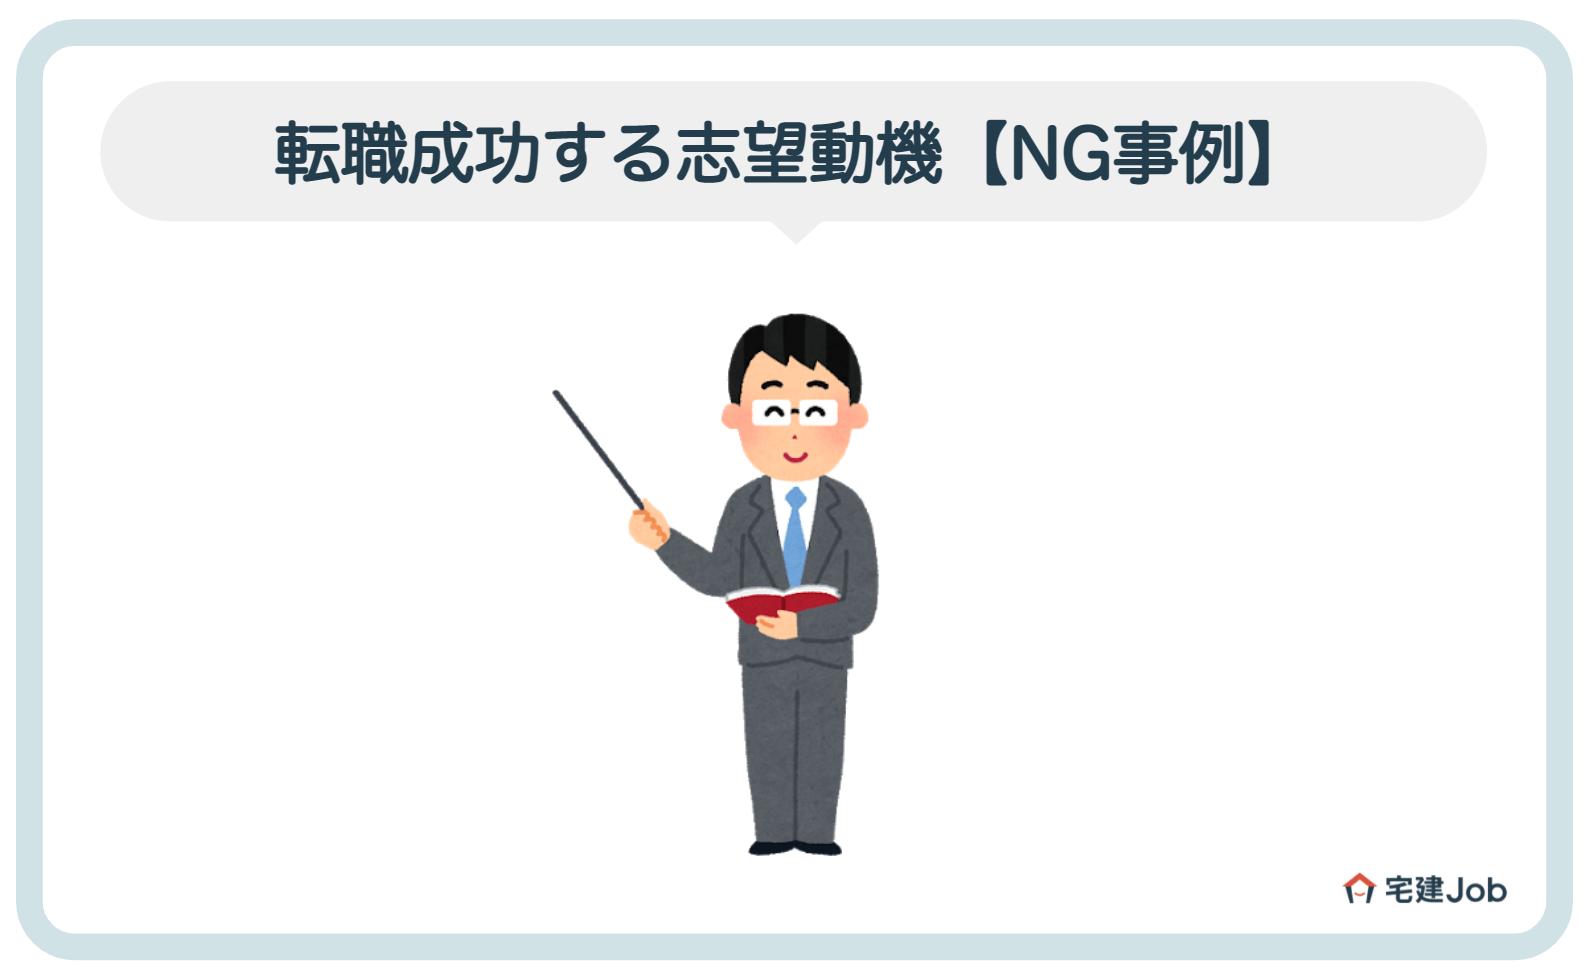 4.不動産業界で転職失敗する志望動機【NG事例】